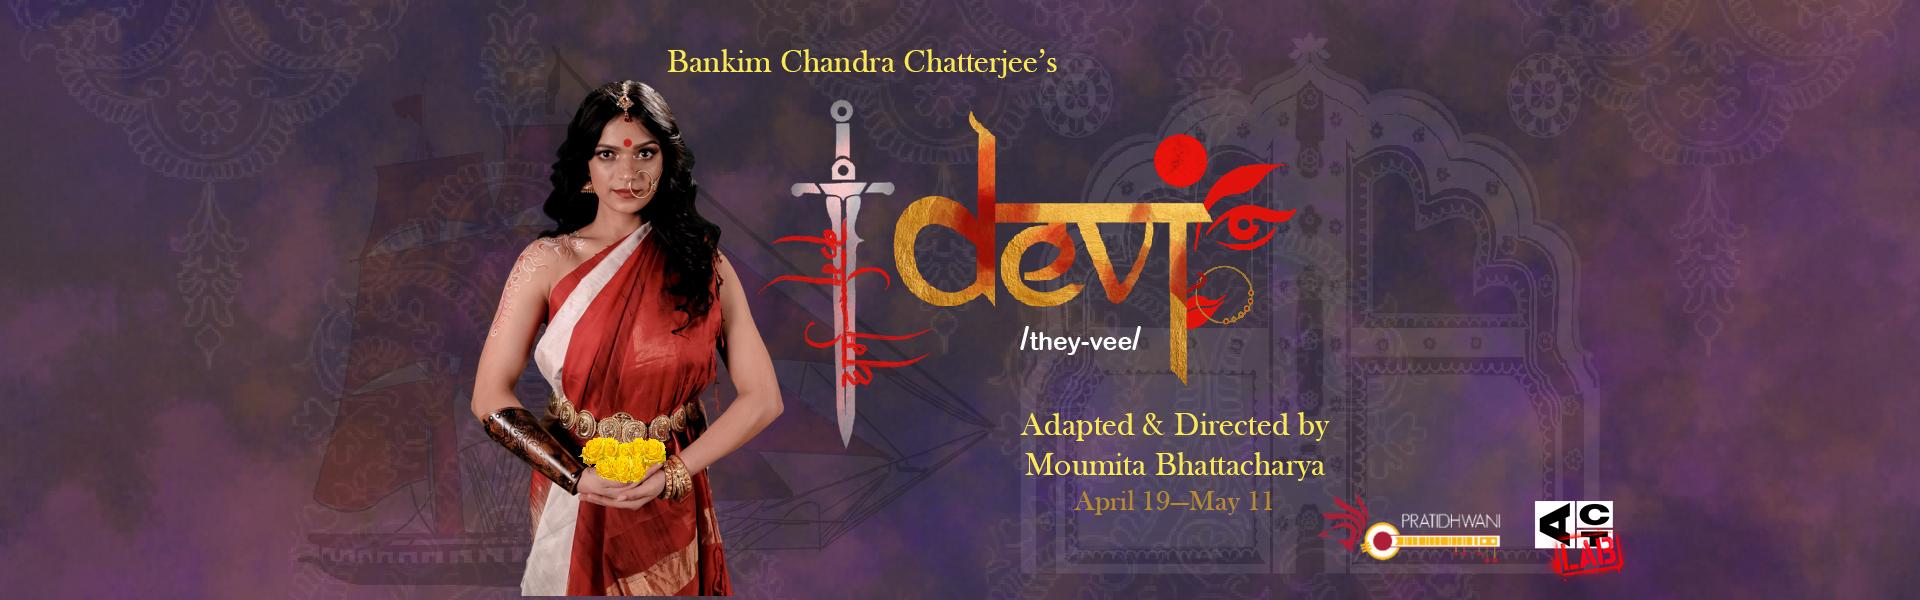 Devi Banner Image